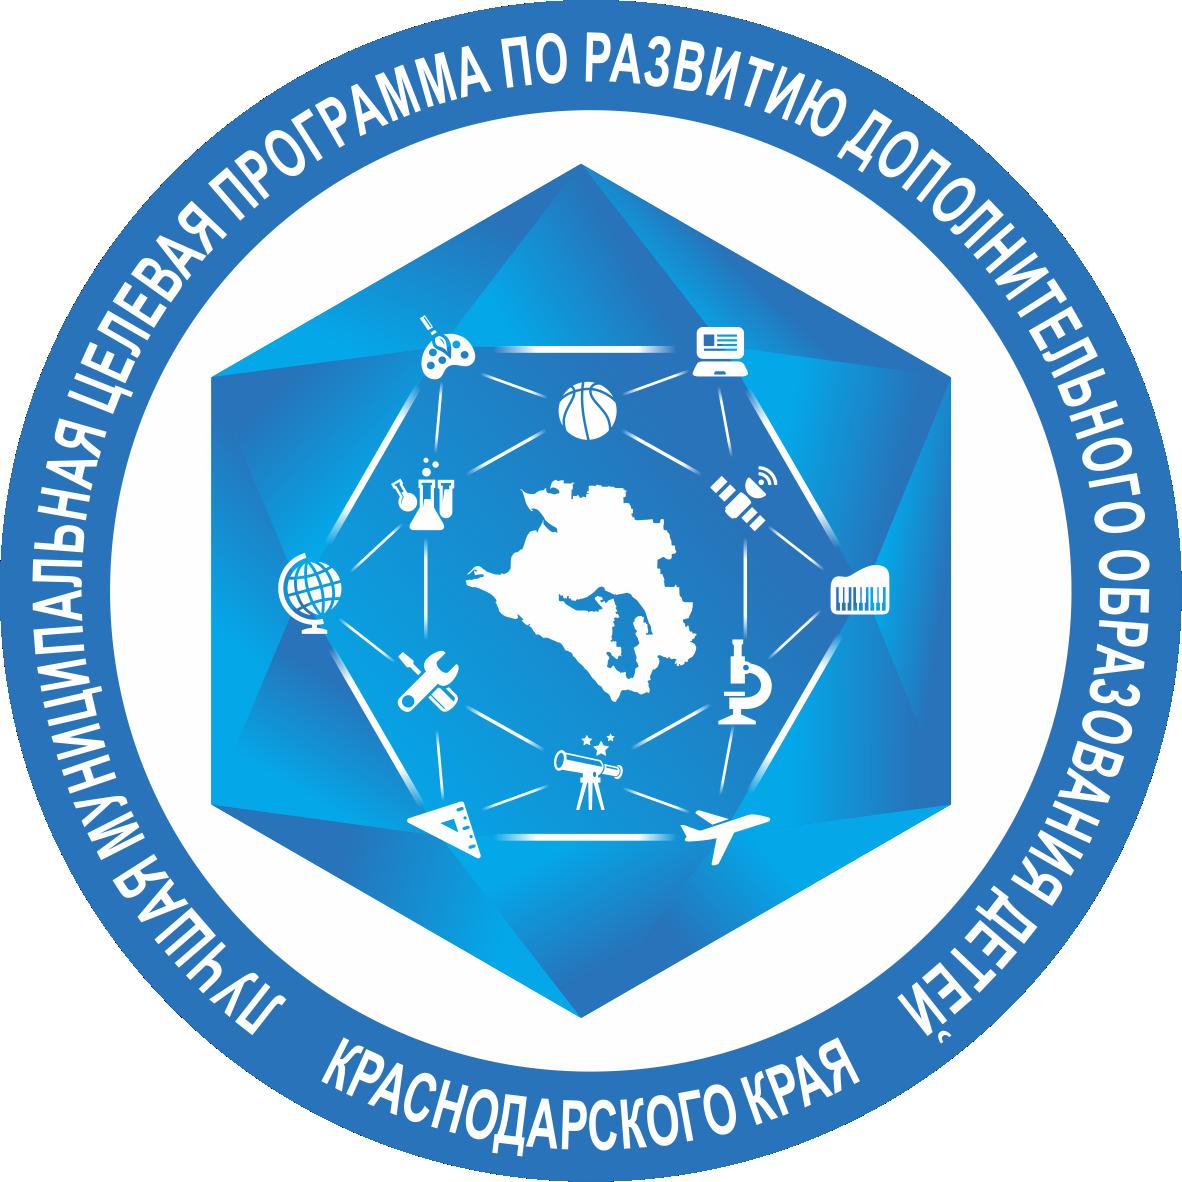 Лучшая муниципальная целевая программа по развитию дополнительного образования детей в условиях реализации целевой модели развития региональной системы дополнительного образования детей Краснодарского края